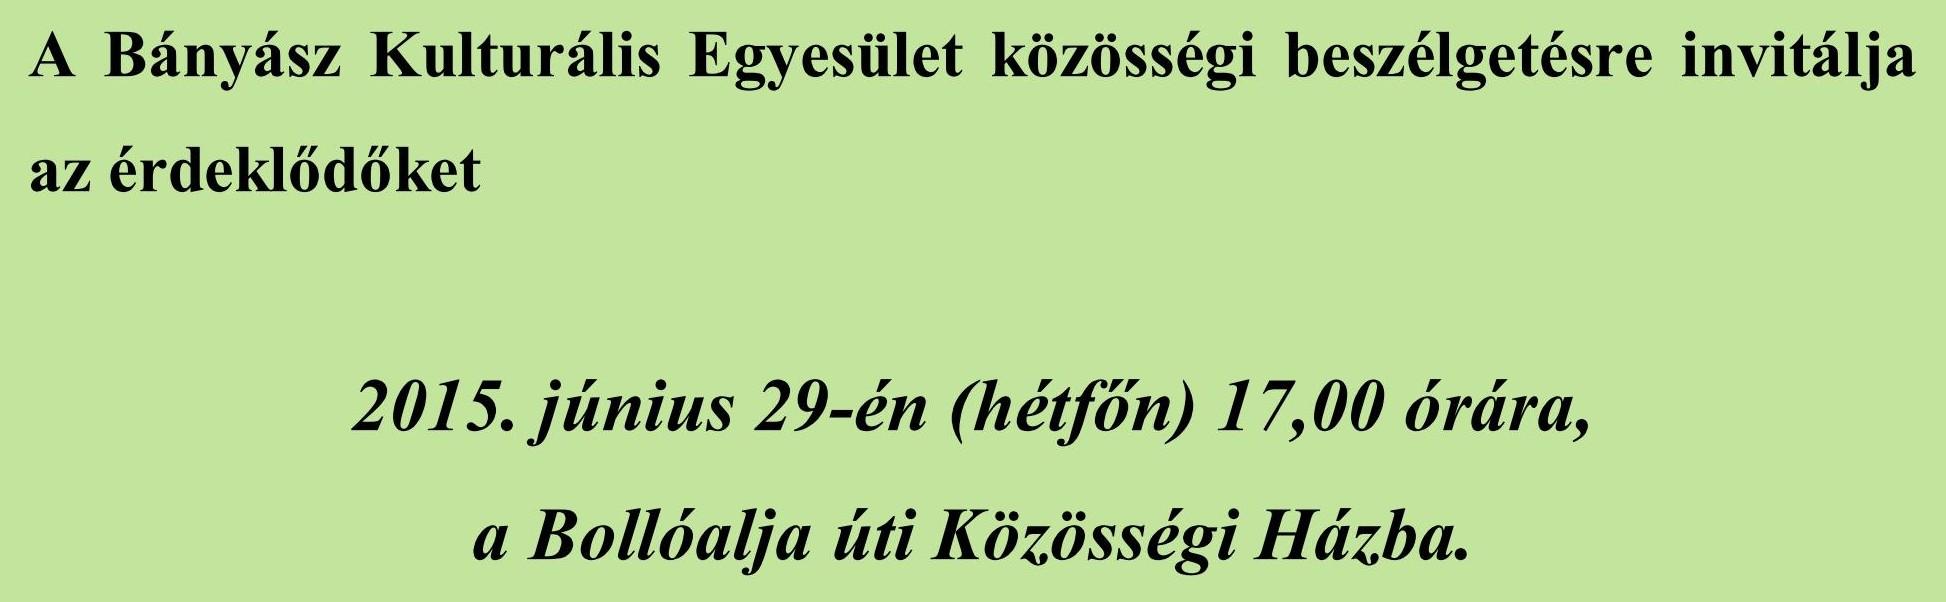 06-29_kozossegibeszelgetes_kiemelt